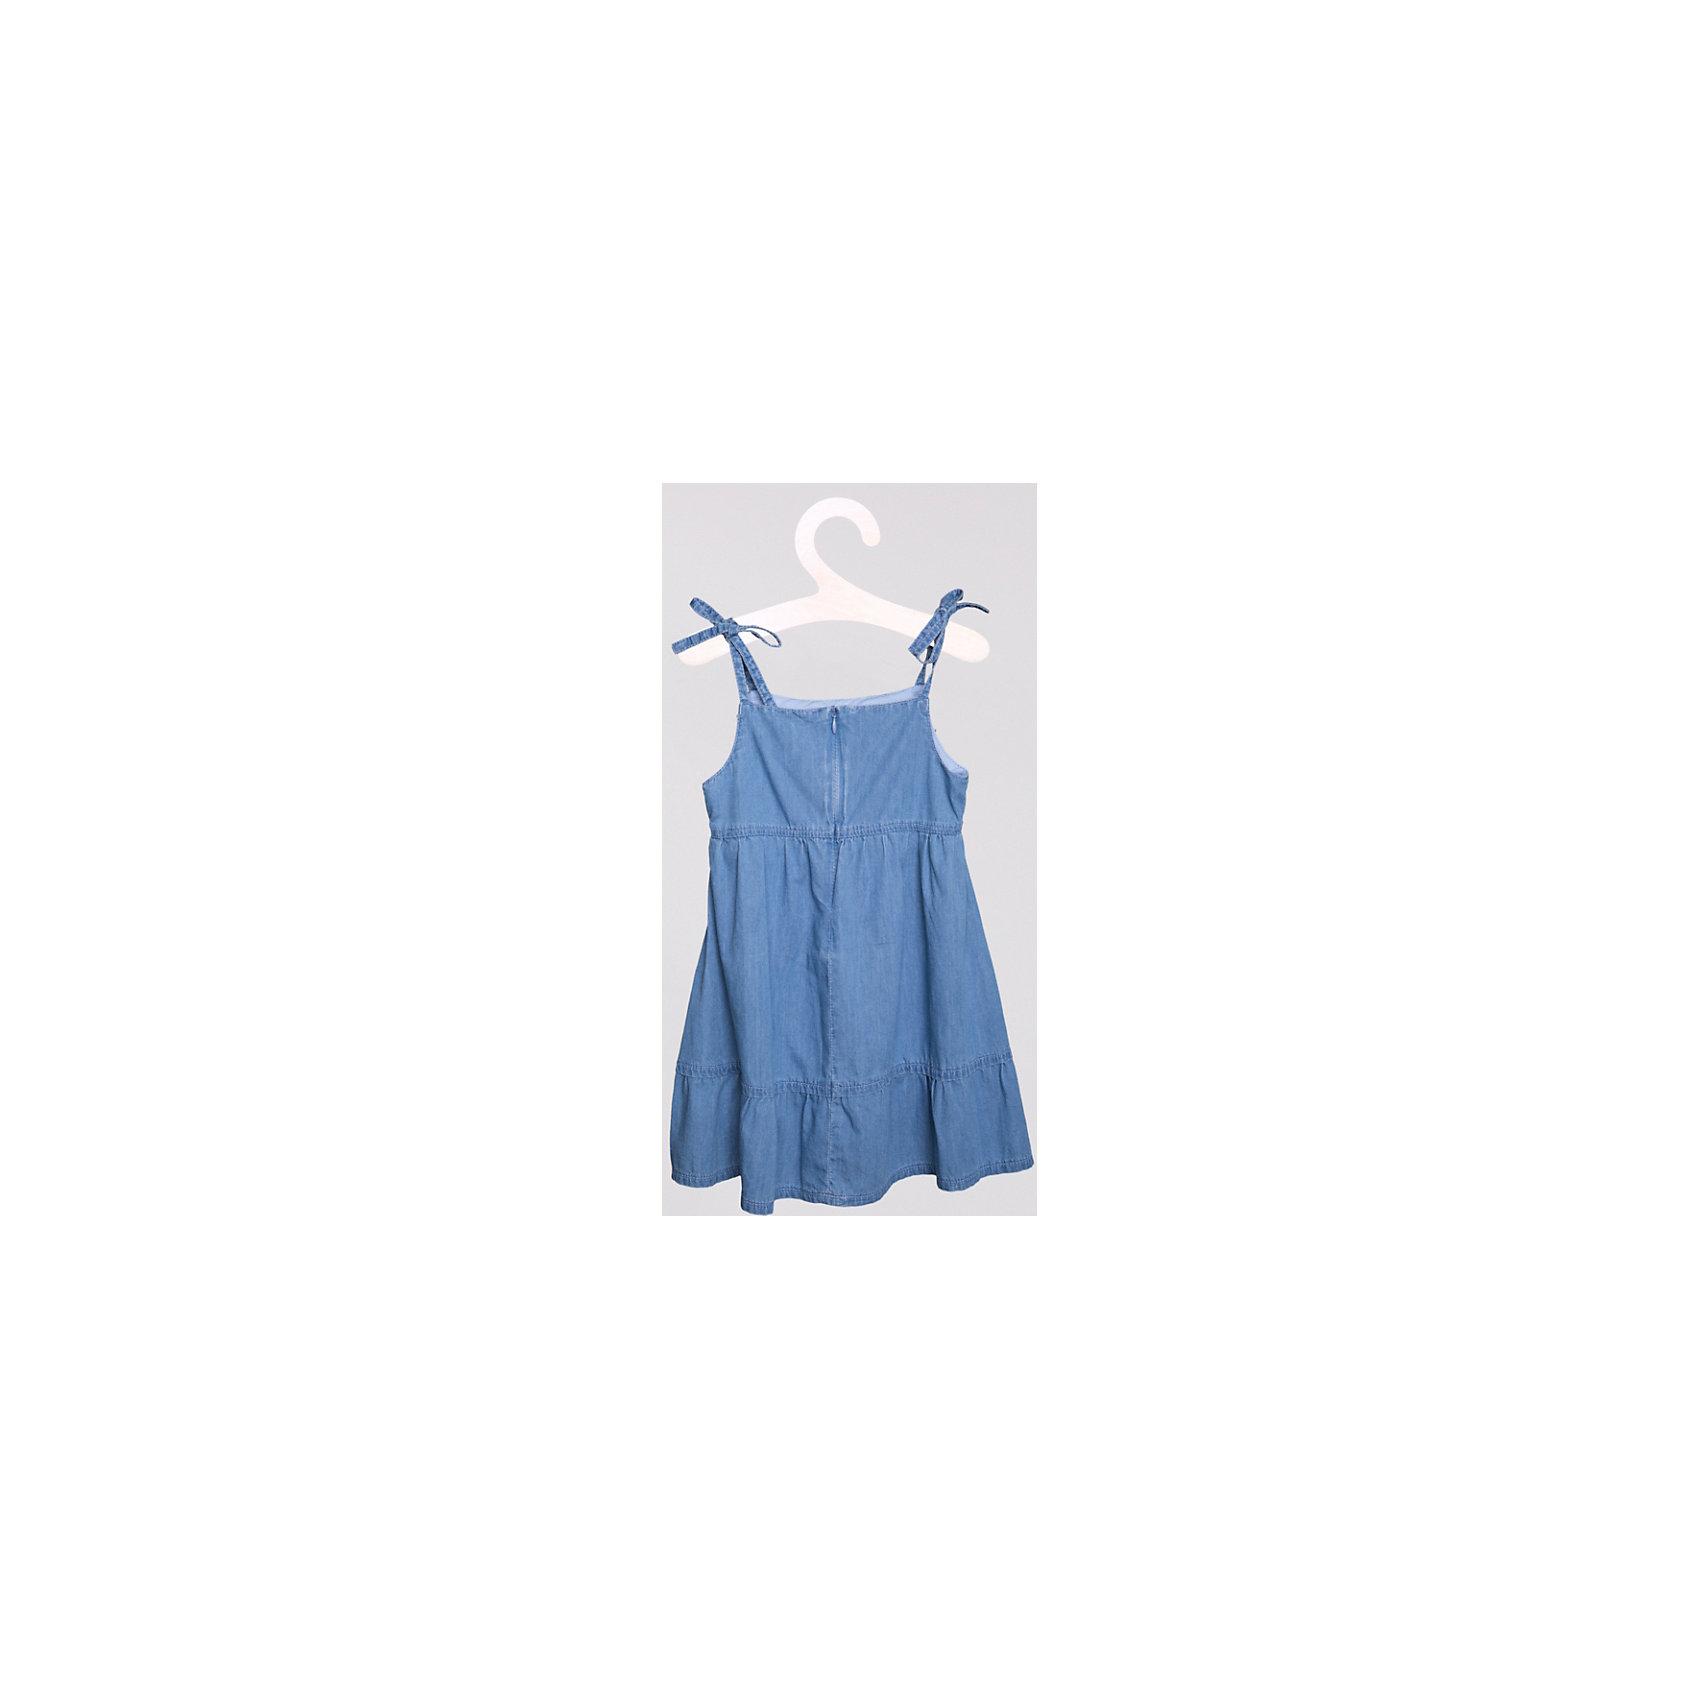 Платье джинсовое PlayTodayДжинсовая одежда<br>Легкий джинсовый сарафан из чистого хлопка. Застегивается на молнию сзади. Сверху украшен бантиком. Завязки регулируются по длине. Состав: 100% хлопок<br><br>Ширина мм: 236<br>Глубина мм: 16<br>Высота мм: 184<br>Вес г: 177<br>Цвет: голубой<br>Возраст от месяцев: 60<br>Возраст до месяцев: 72<br>Пол: Женский<br>Возраст: Детский<br>Размер: 116,122,98,128,110,104<br>SKU: 4652400